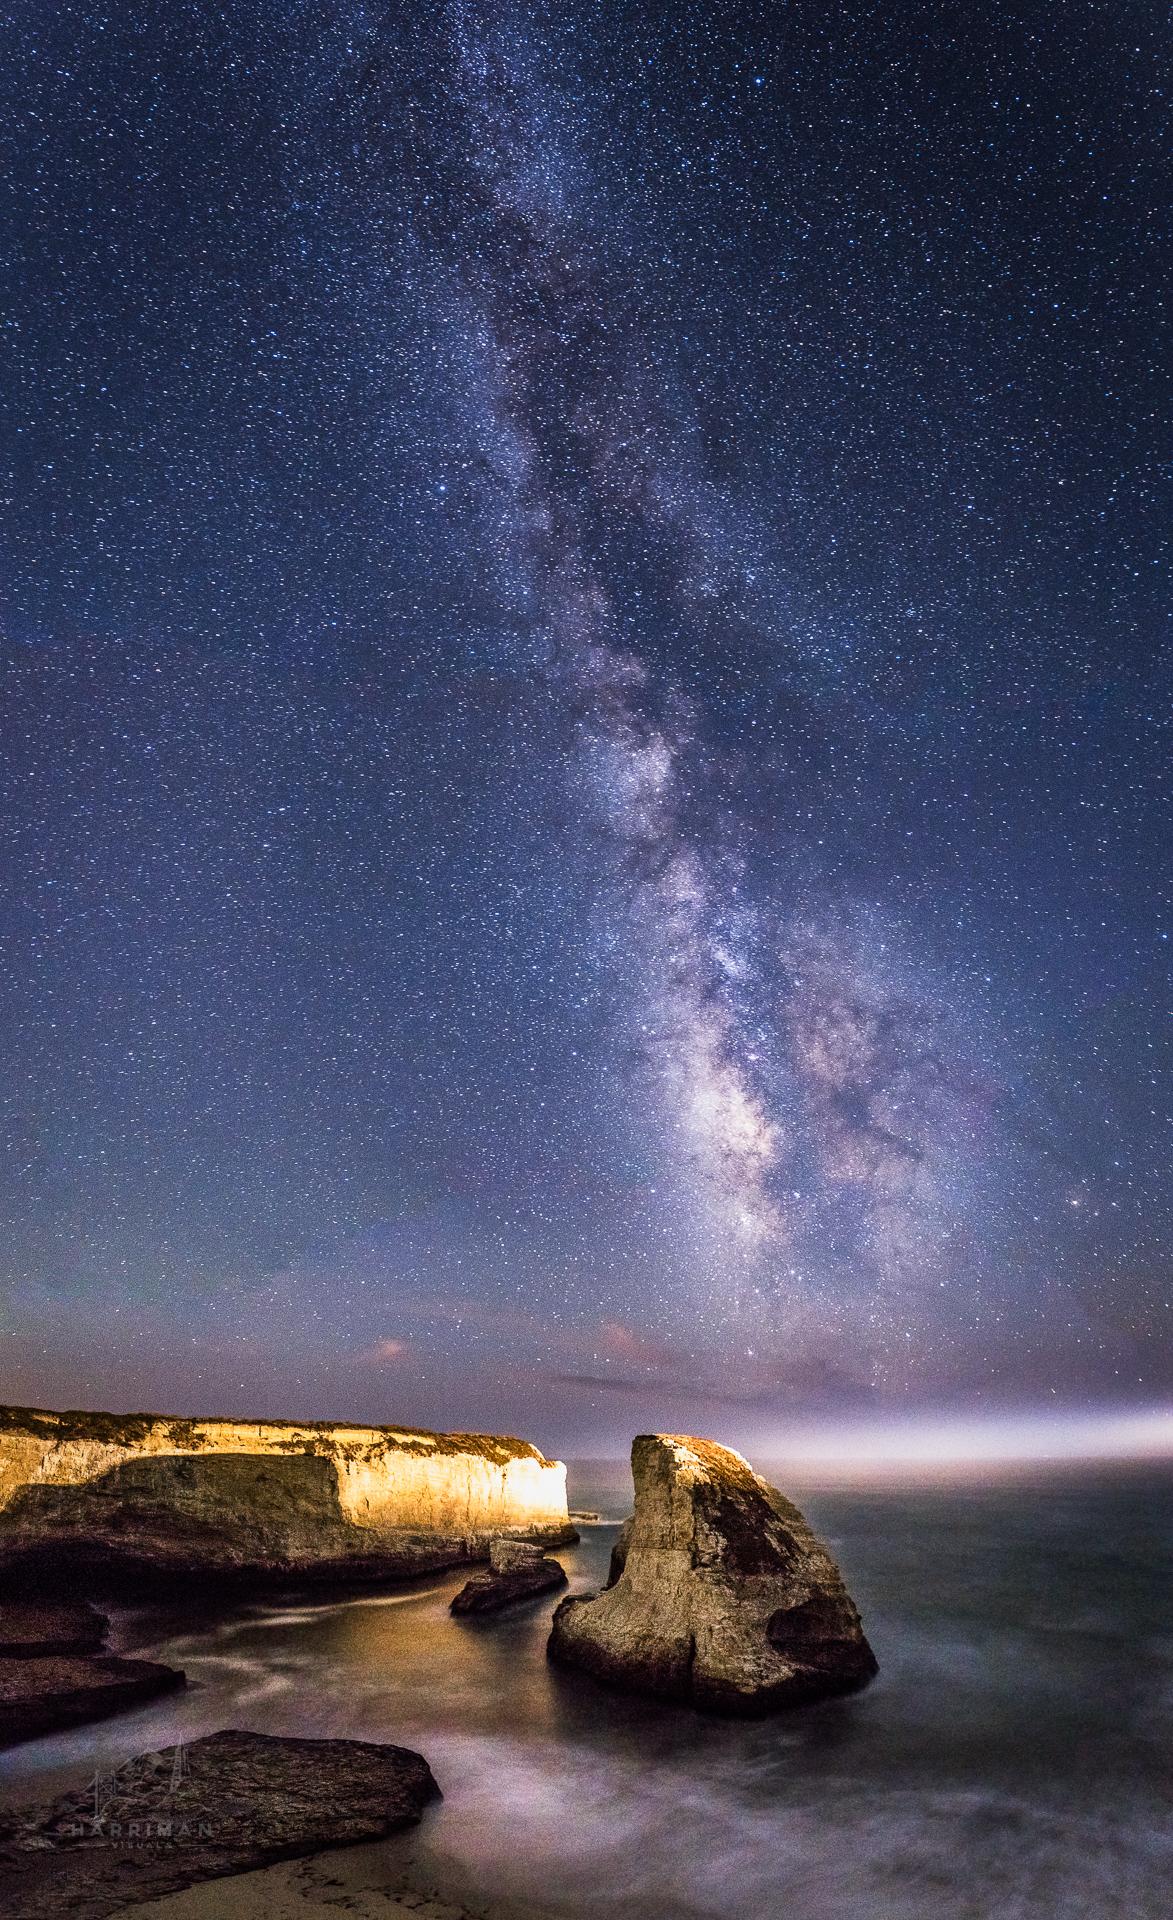 Shark Fin Cove Milky Way